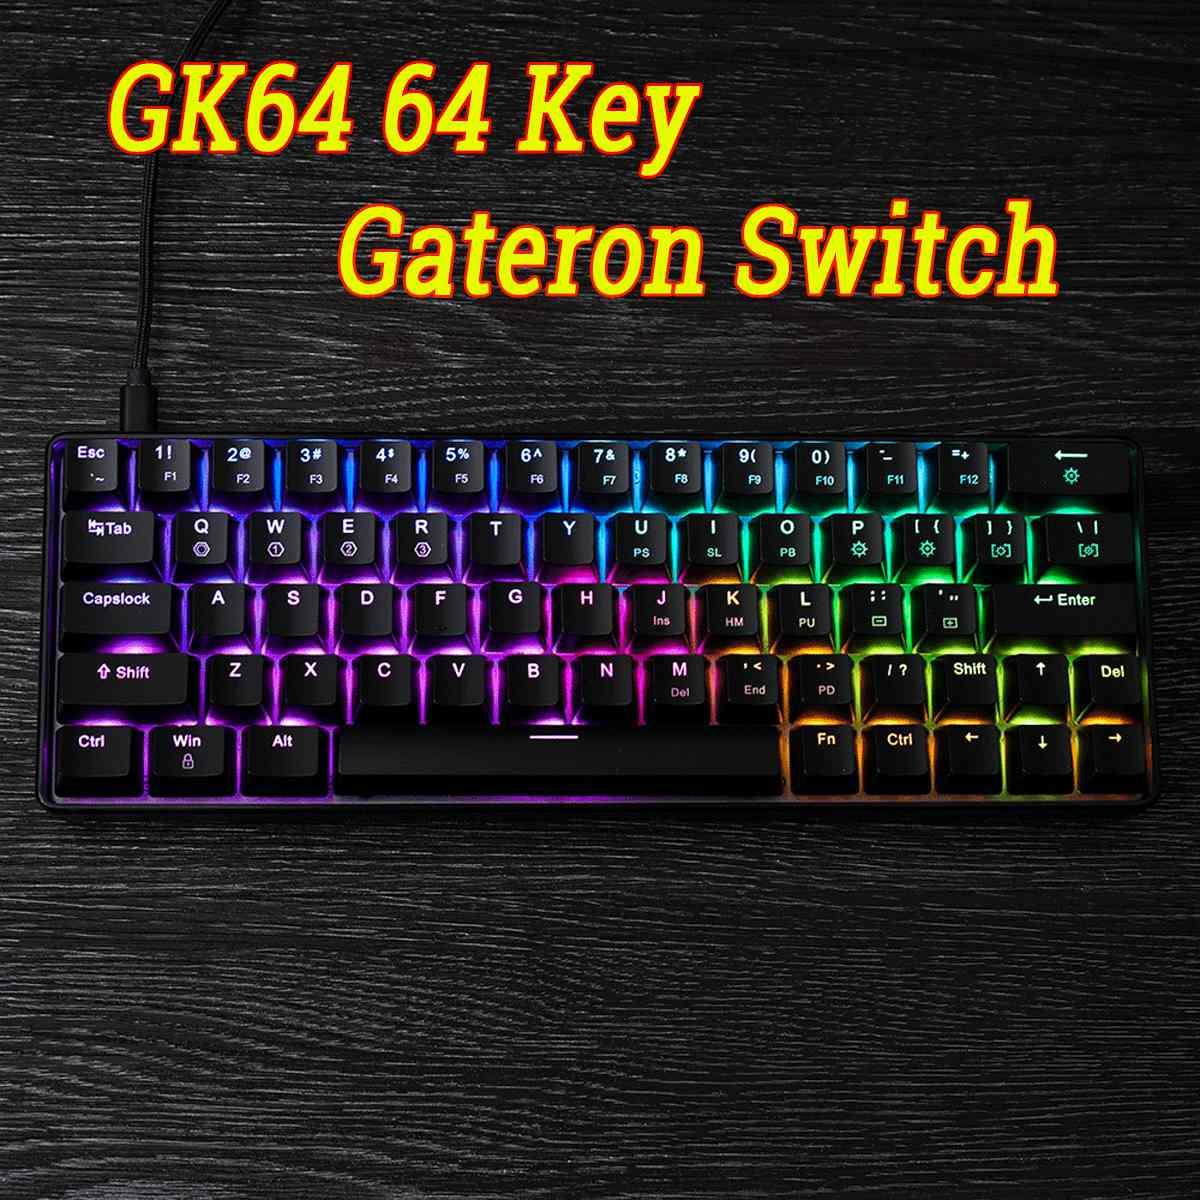 Game-KeyboardGK64 64 touches Gateron commutateur clavier mécanique Geek chaud remplaçable CIY commutateur RGB rétro-éclairé mécanique clavier de jeu